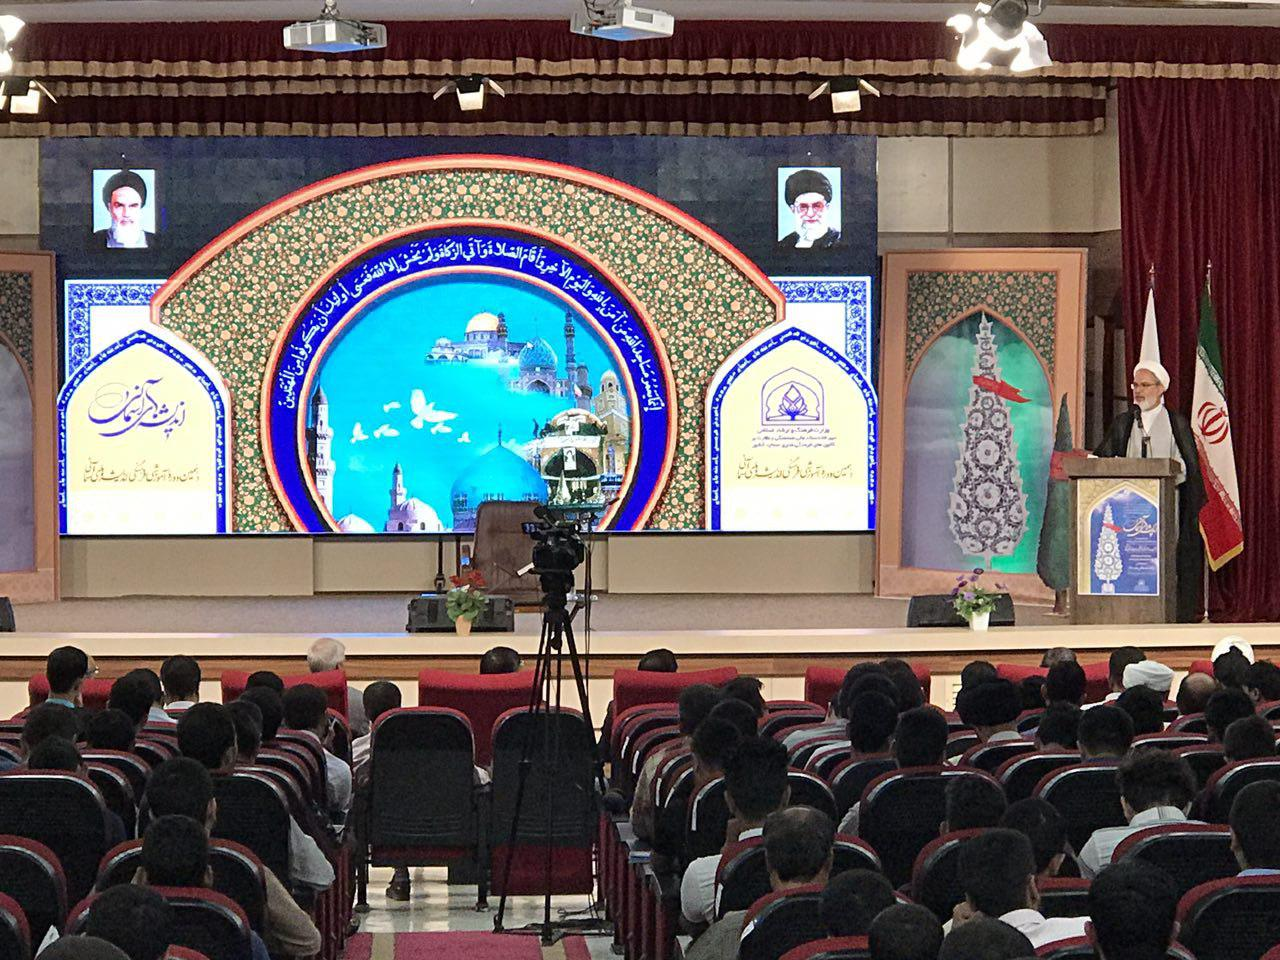 افتتاحیه دور دوم دهمین دوره آموزشی فرهنگی اندیشه های آسمانی